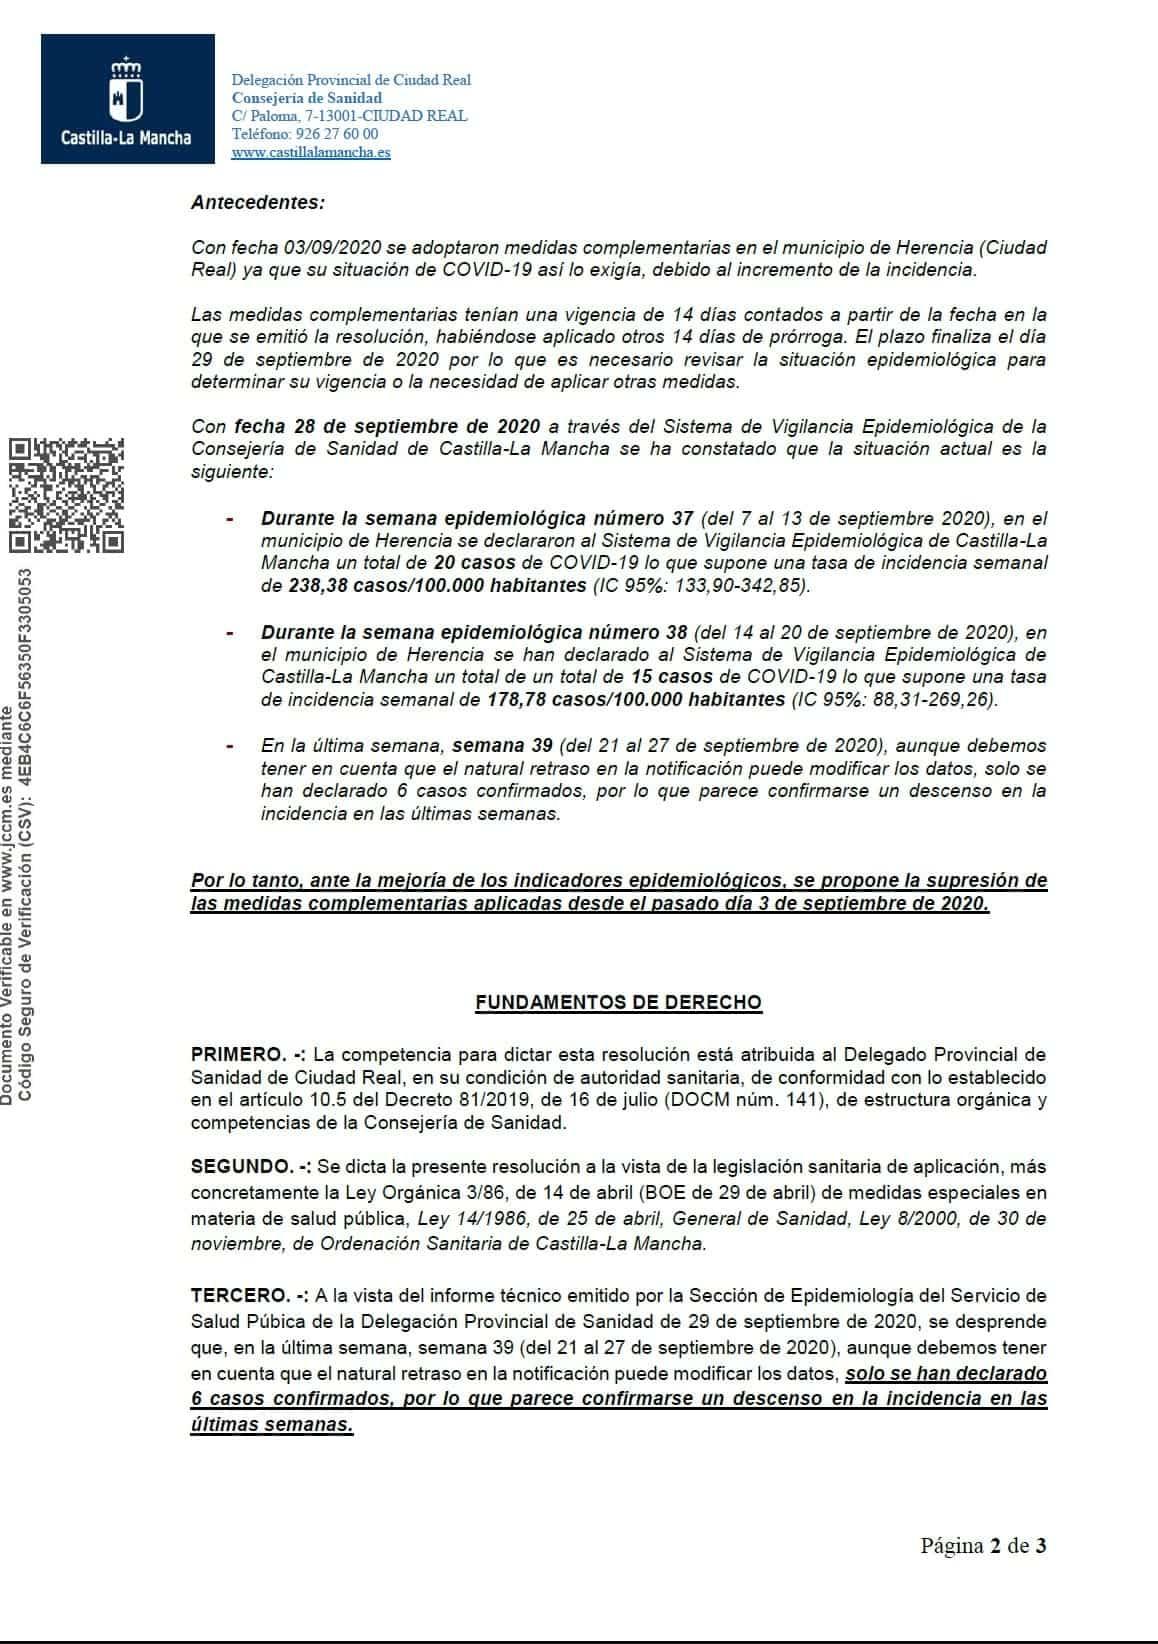 Resolucion herencia levantamiento medidas especiales covid 19 2 - Sanidad levanta la medidas especiales a Herencia desde el 30 de septiembre